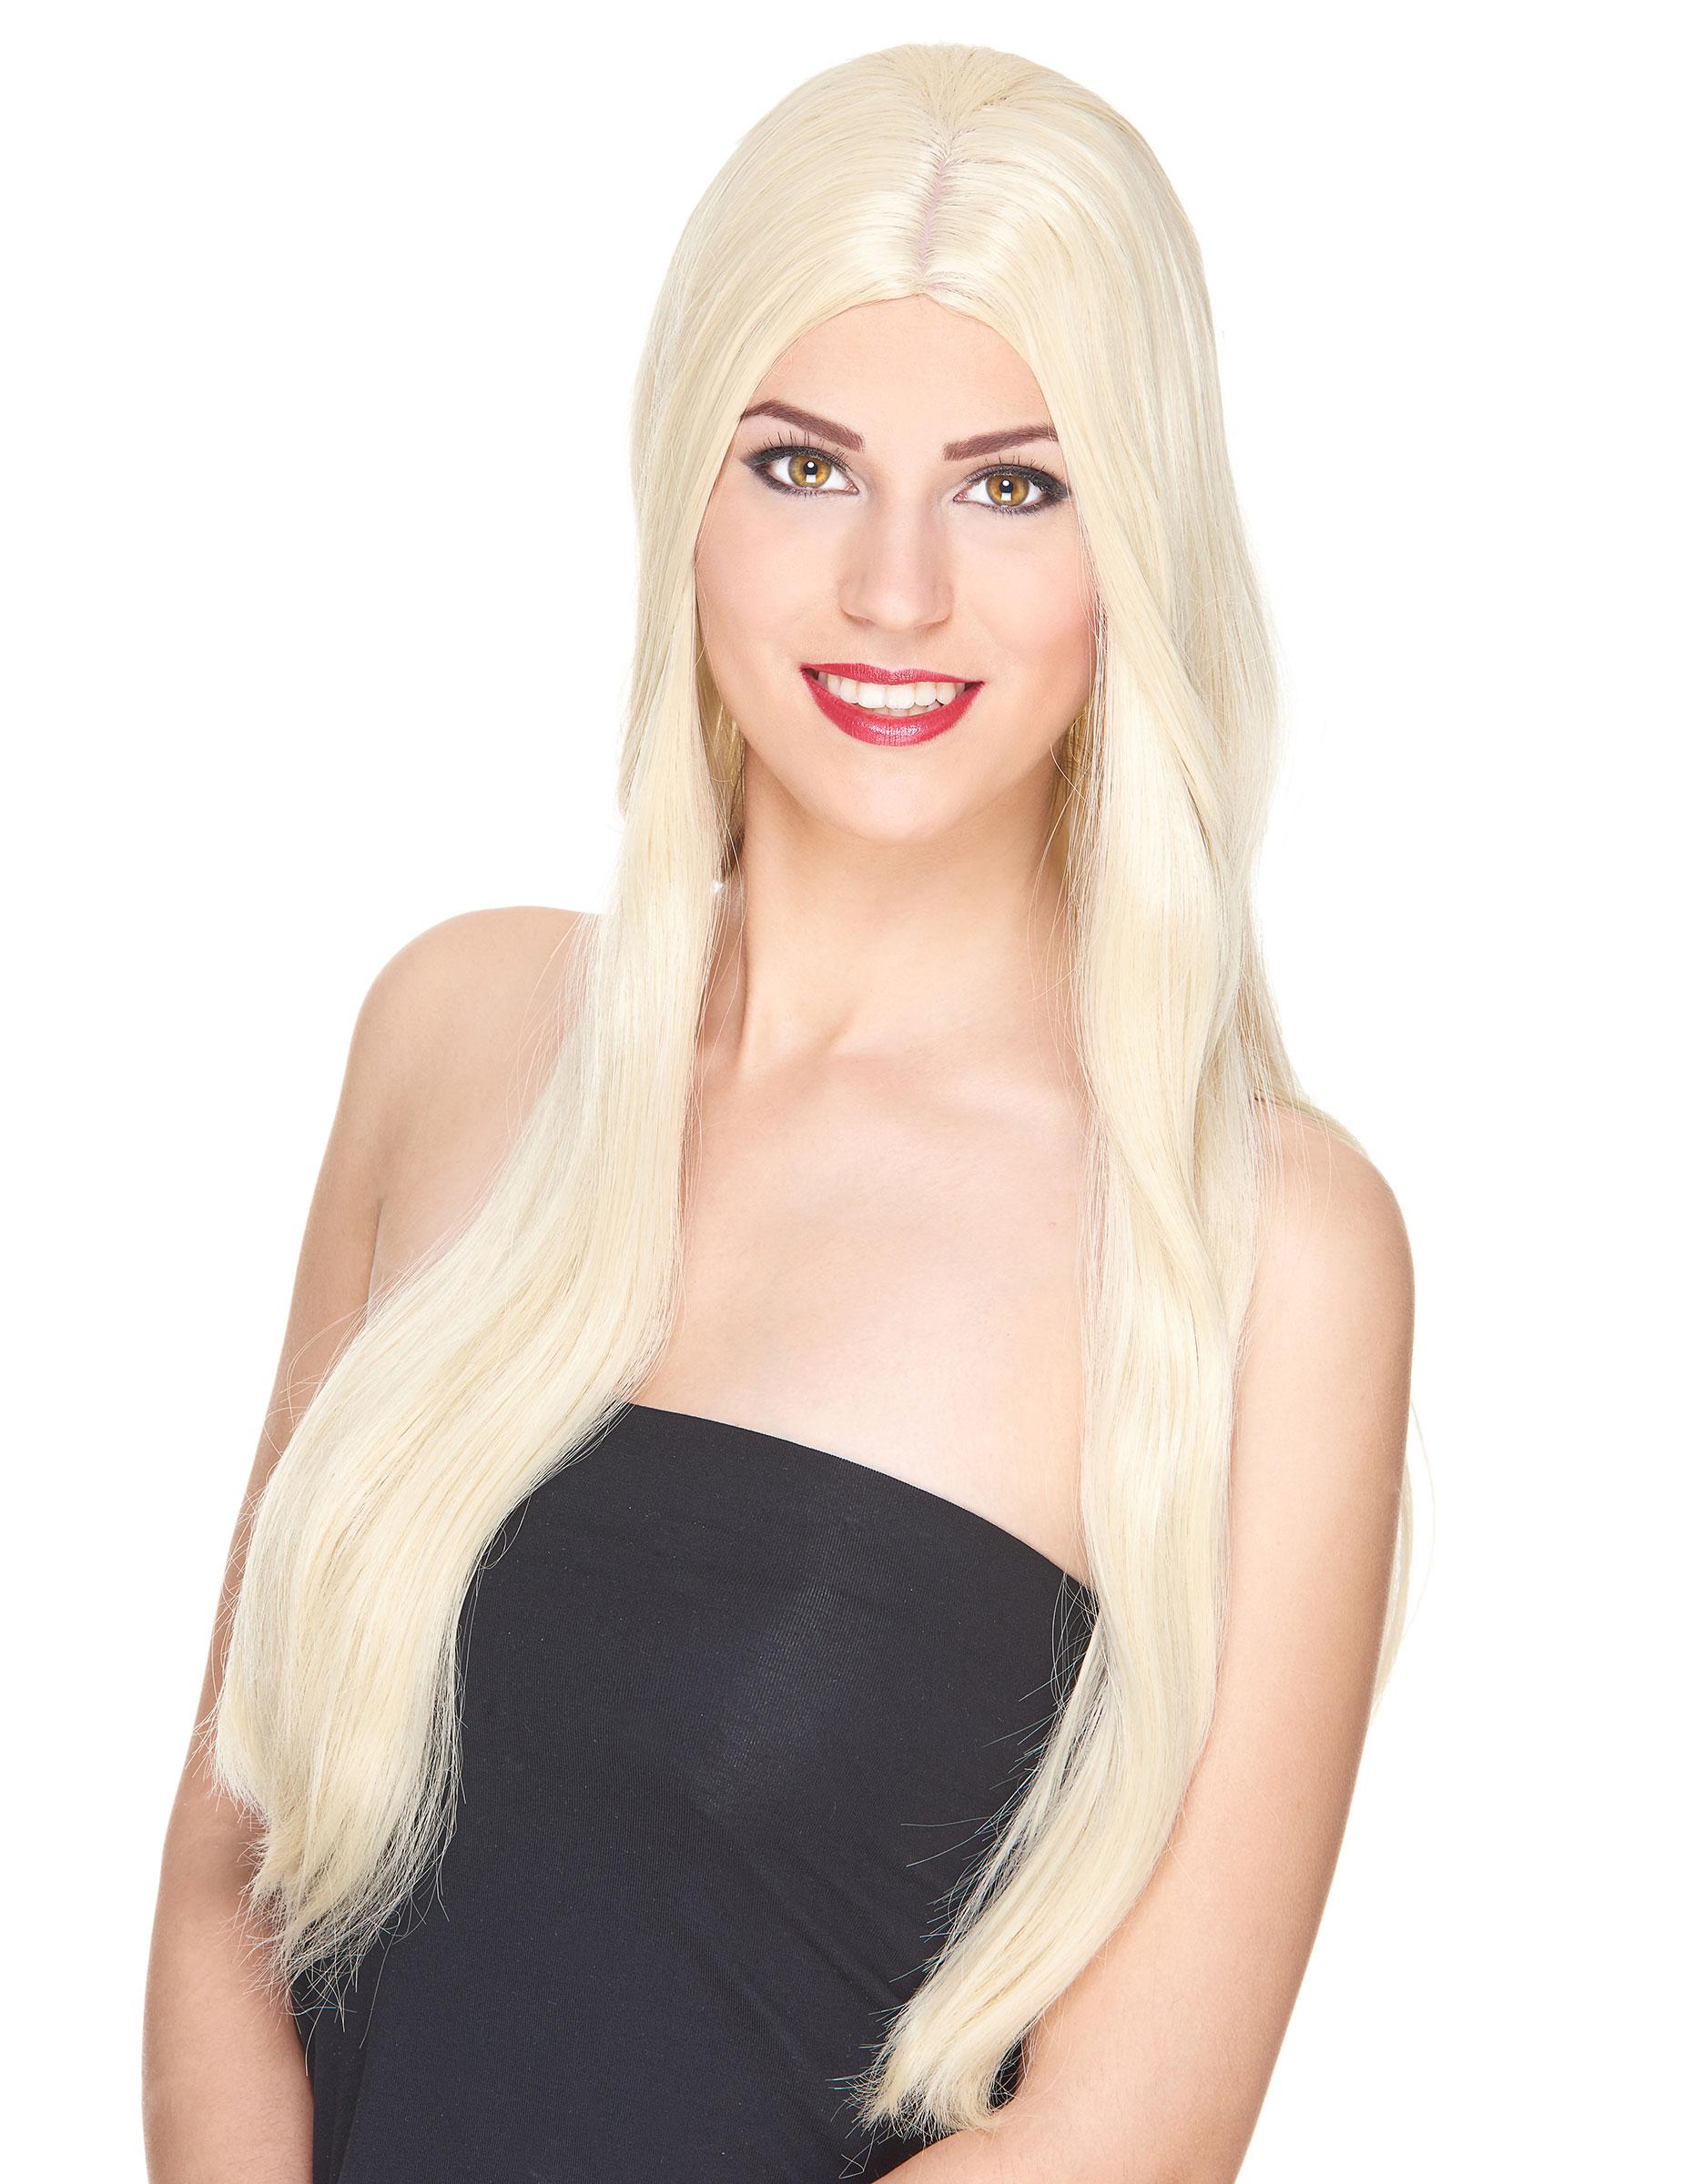 luxus per cke mit sehr langen blonden haaren f r frauen per cken und g nstige faschingskost me. Black Bedroom Furniture Sets. Home Design Ideas